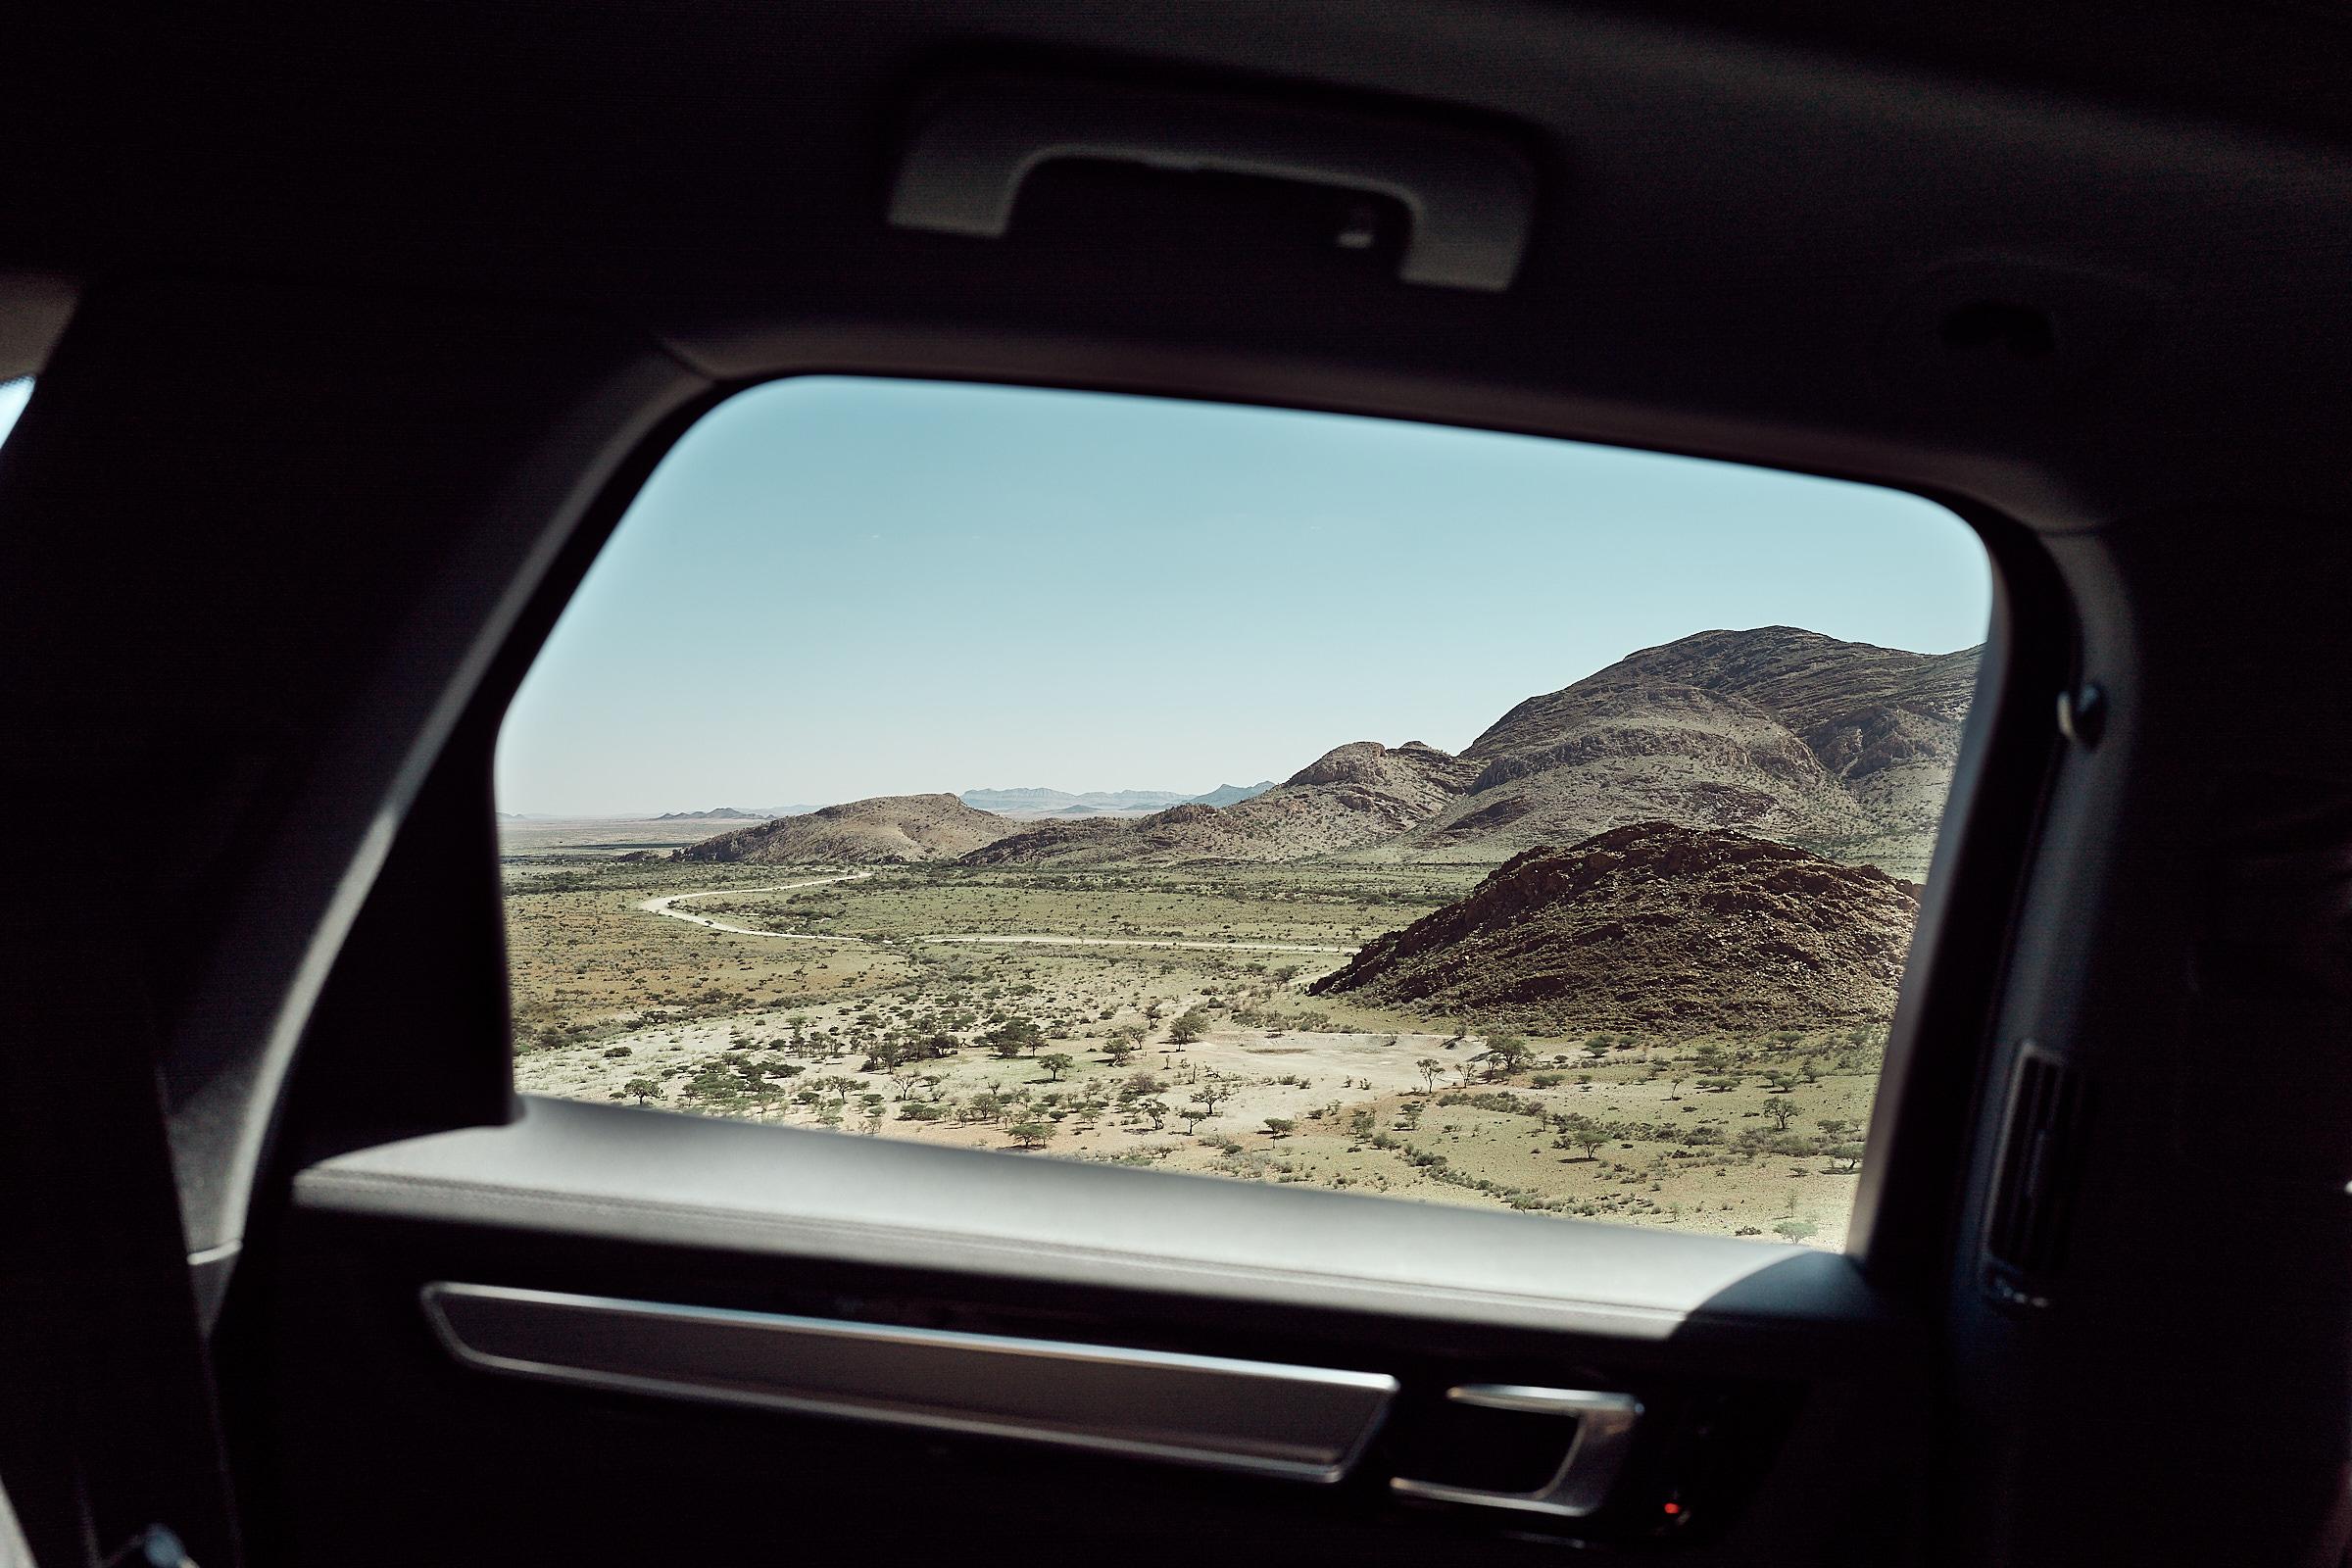 Автопробег по Намибии с Porsche, часть 2